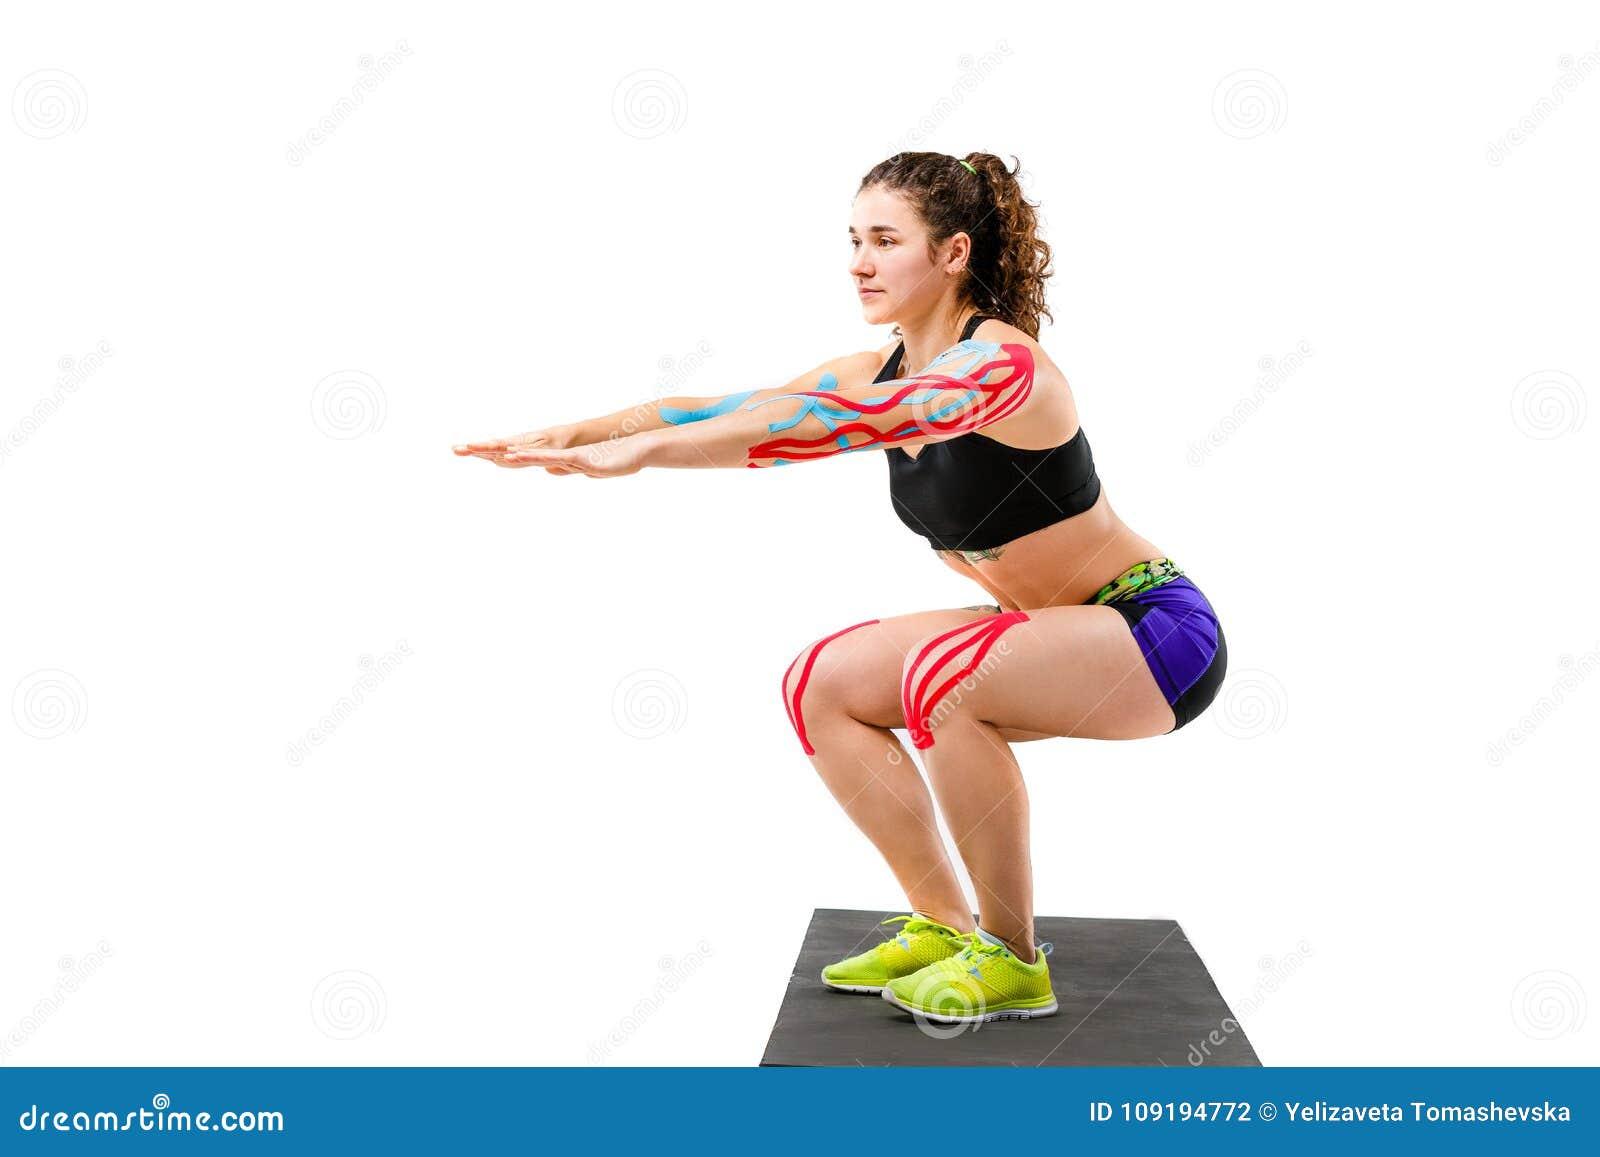 Rehabilitering för temakinesiologyband och hälsa av idrottsman nen Härlig flicka som gör en satt övning på en svart filt på en vi